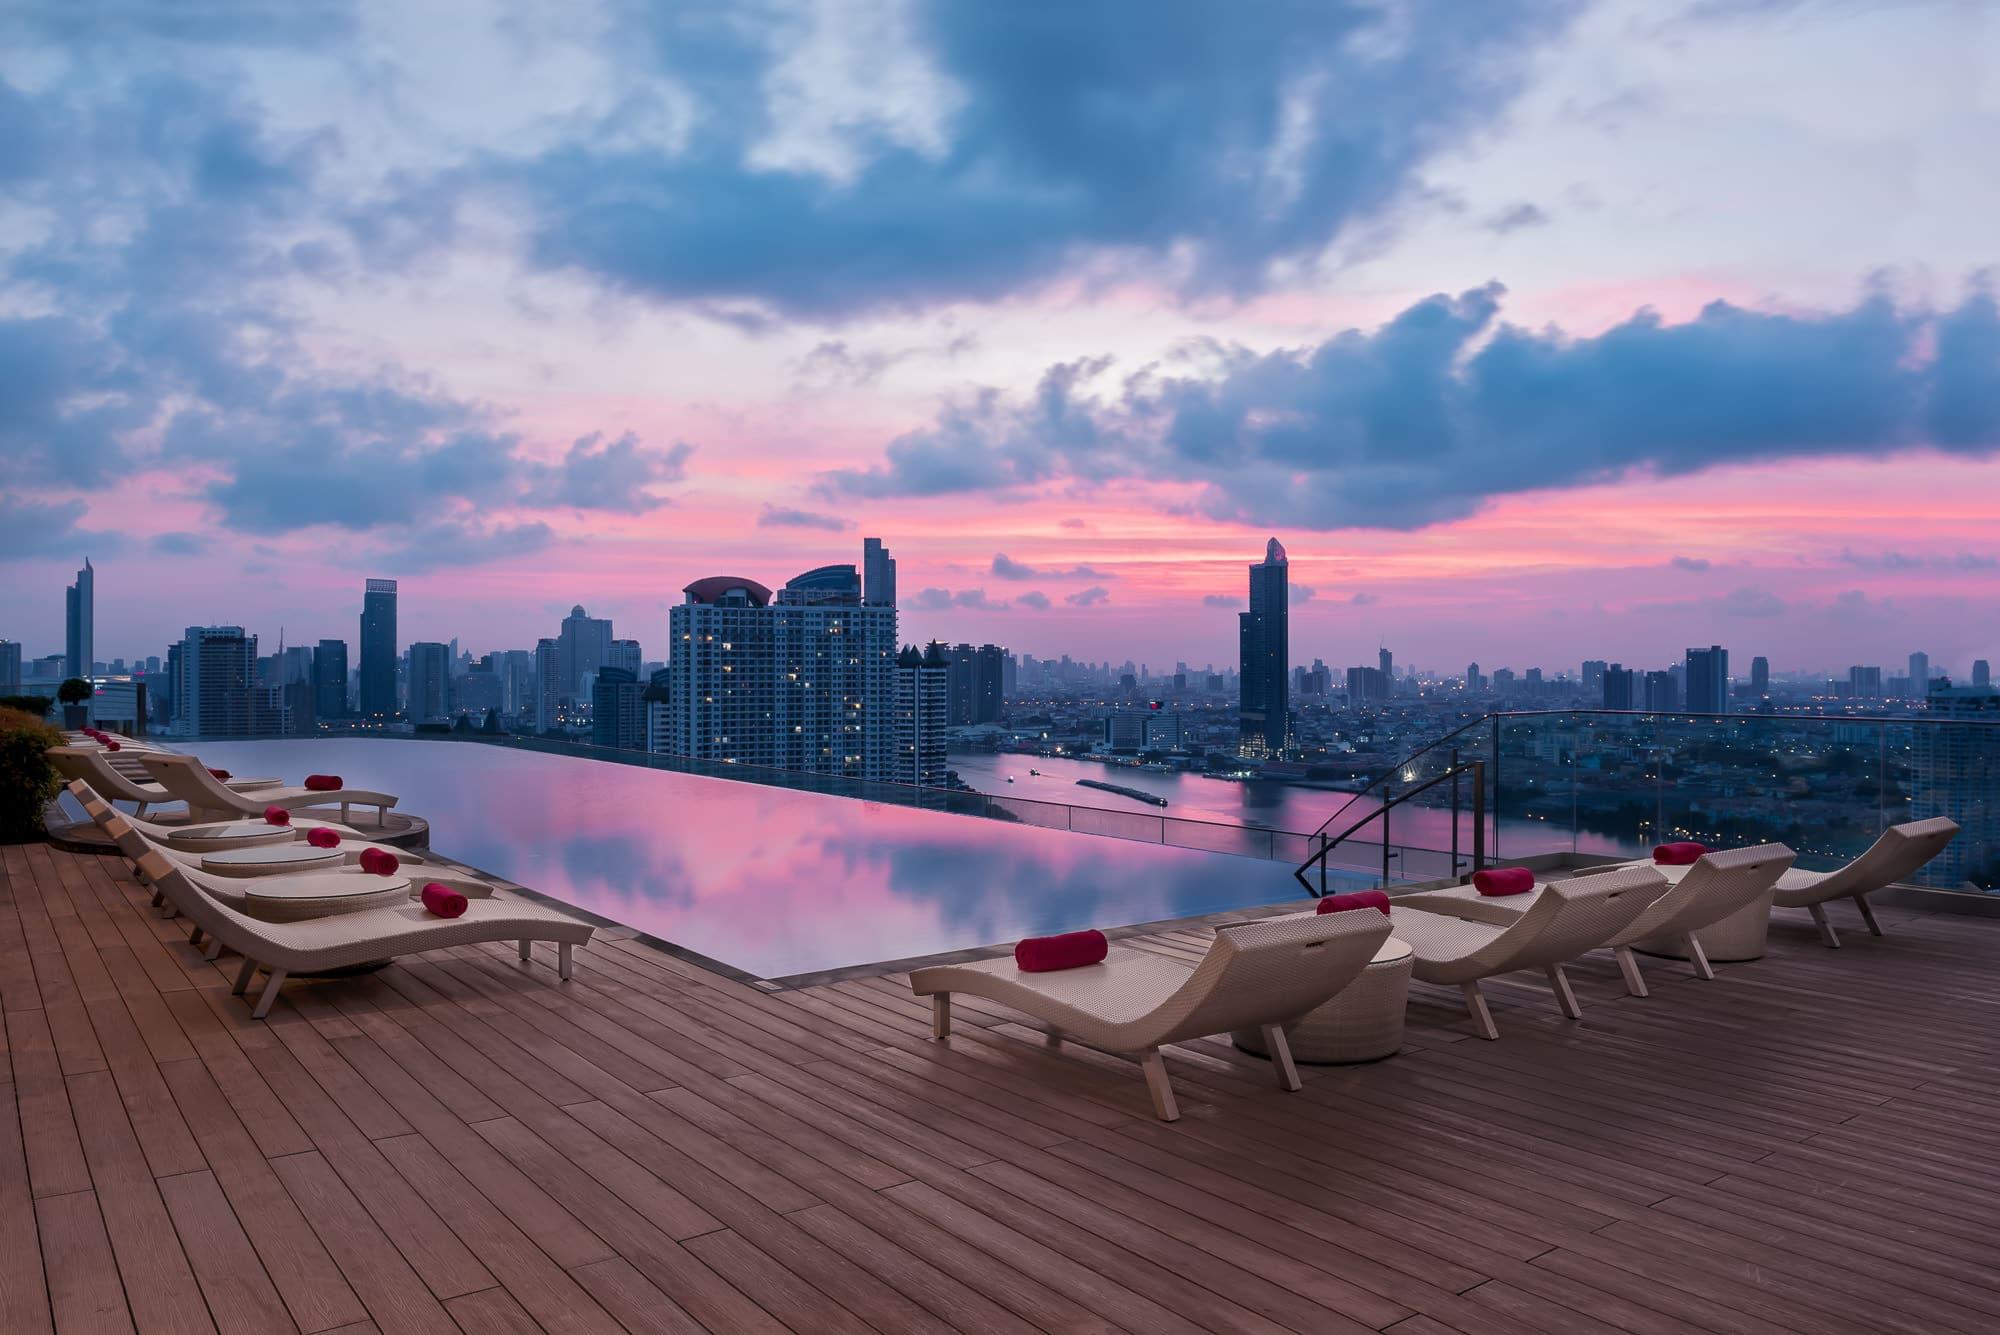 luxury hotel photography in bangkok thaland